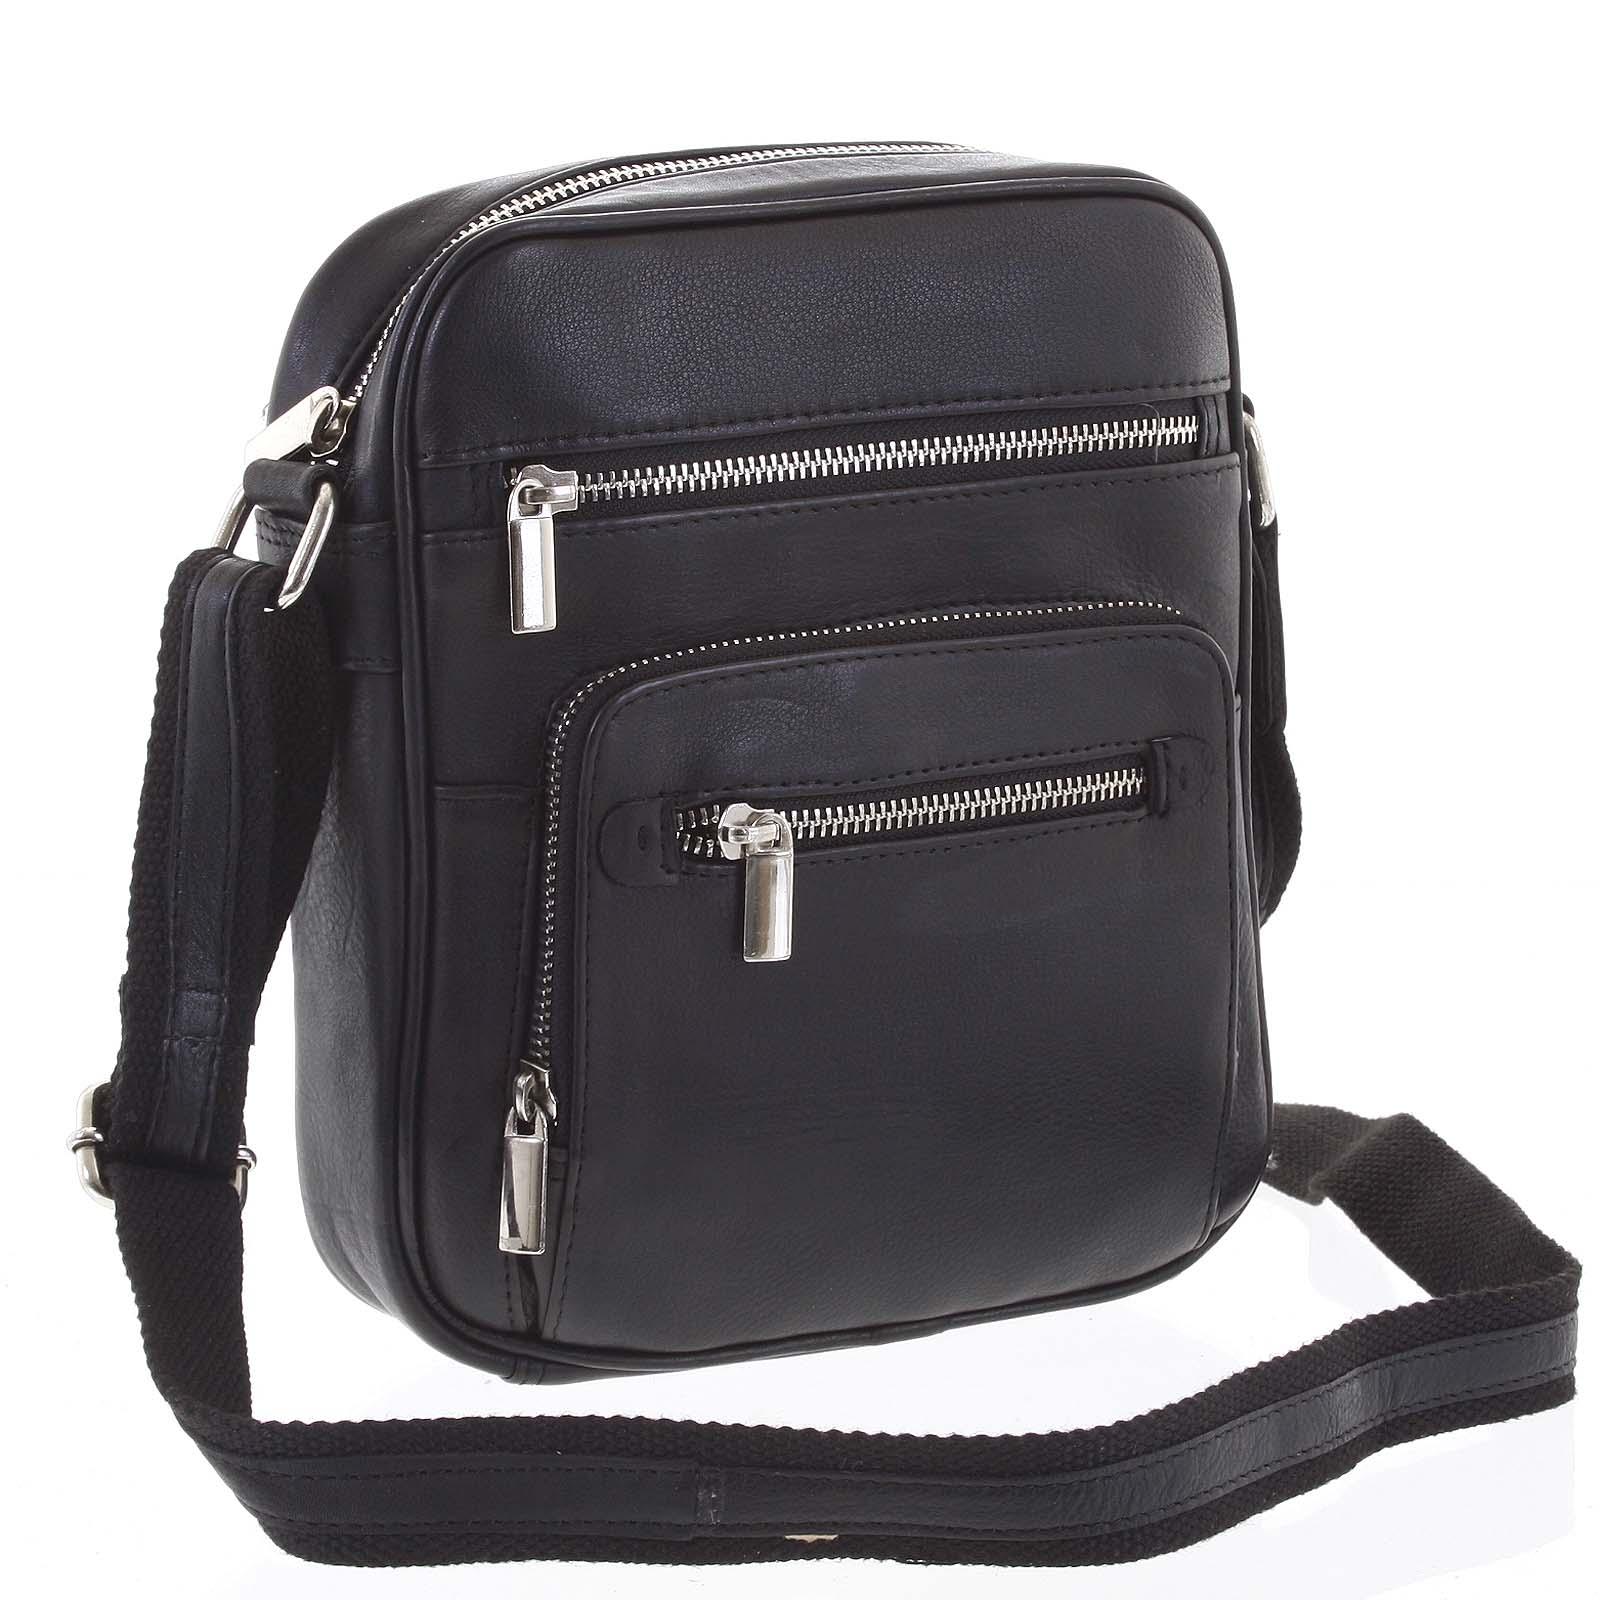 Módna pánska crossbody kožená taška na doklady čierna - WILD Andric